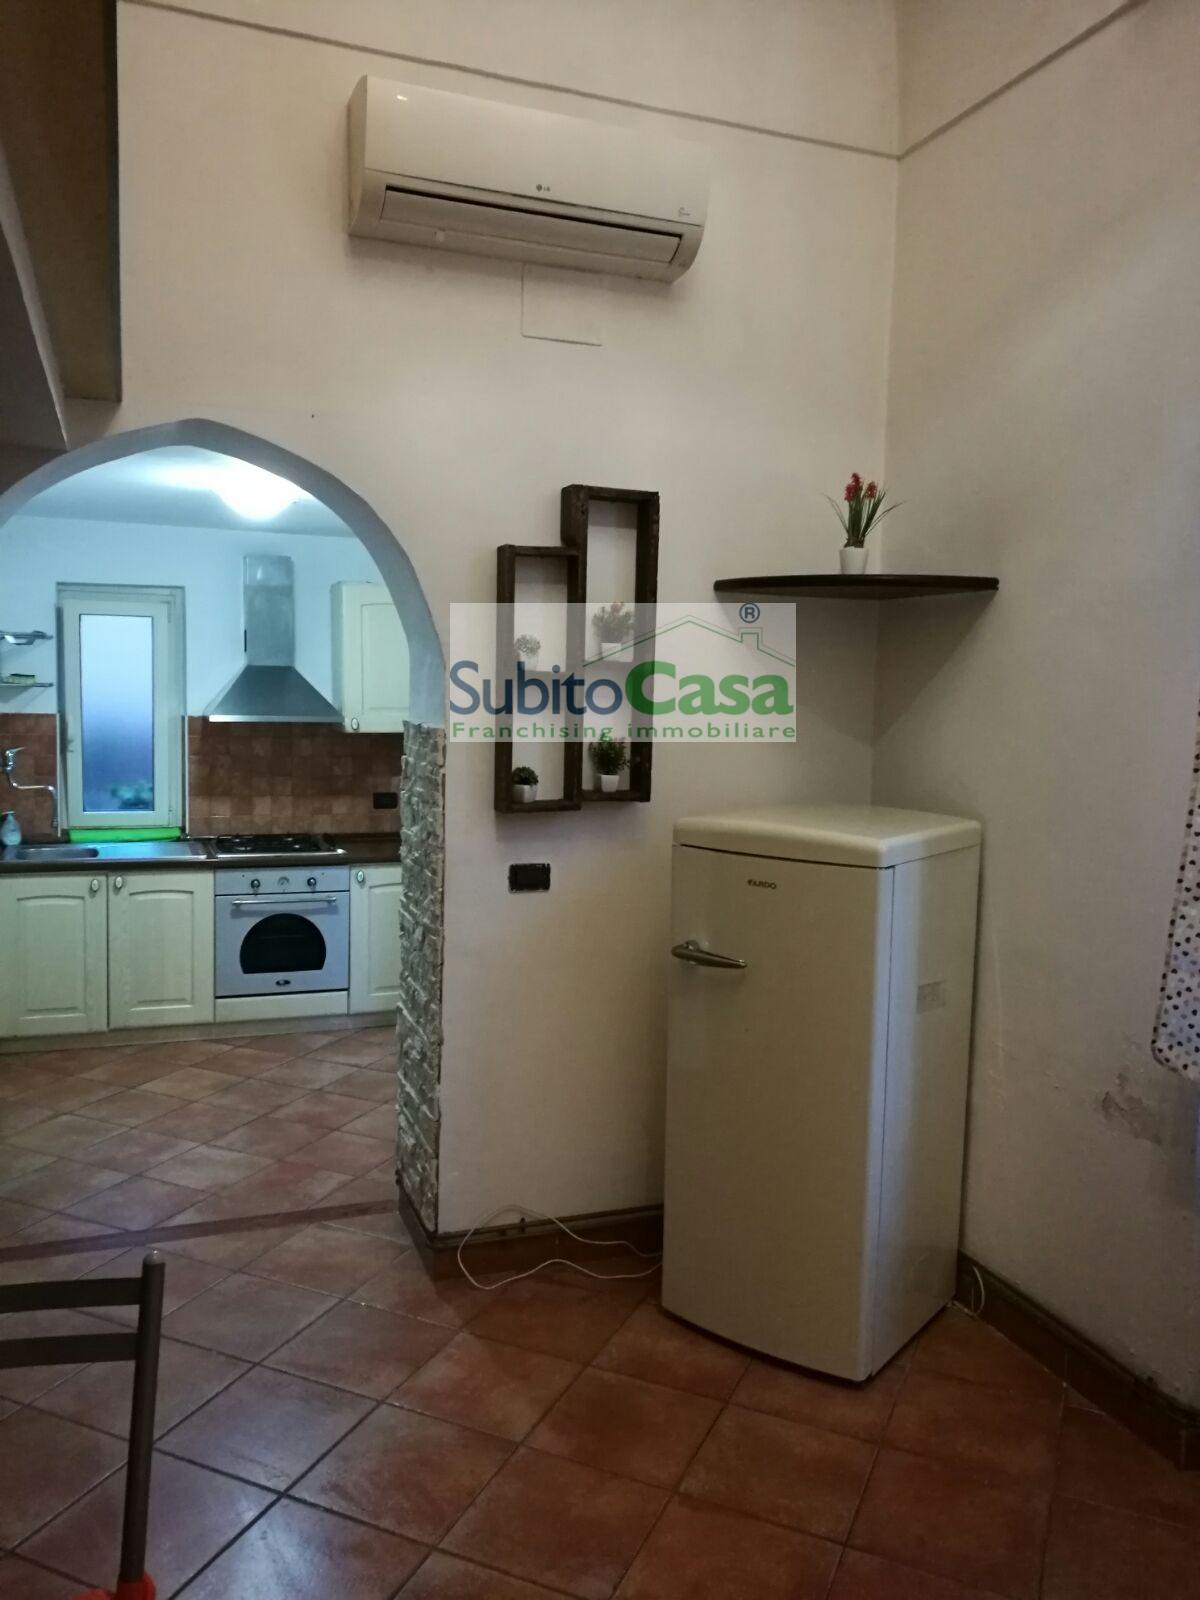 Bilocale Pescara Via Ciro Menotti 6